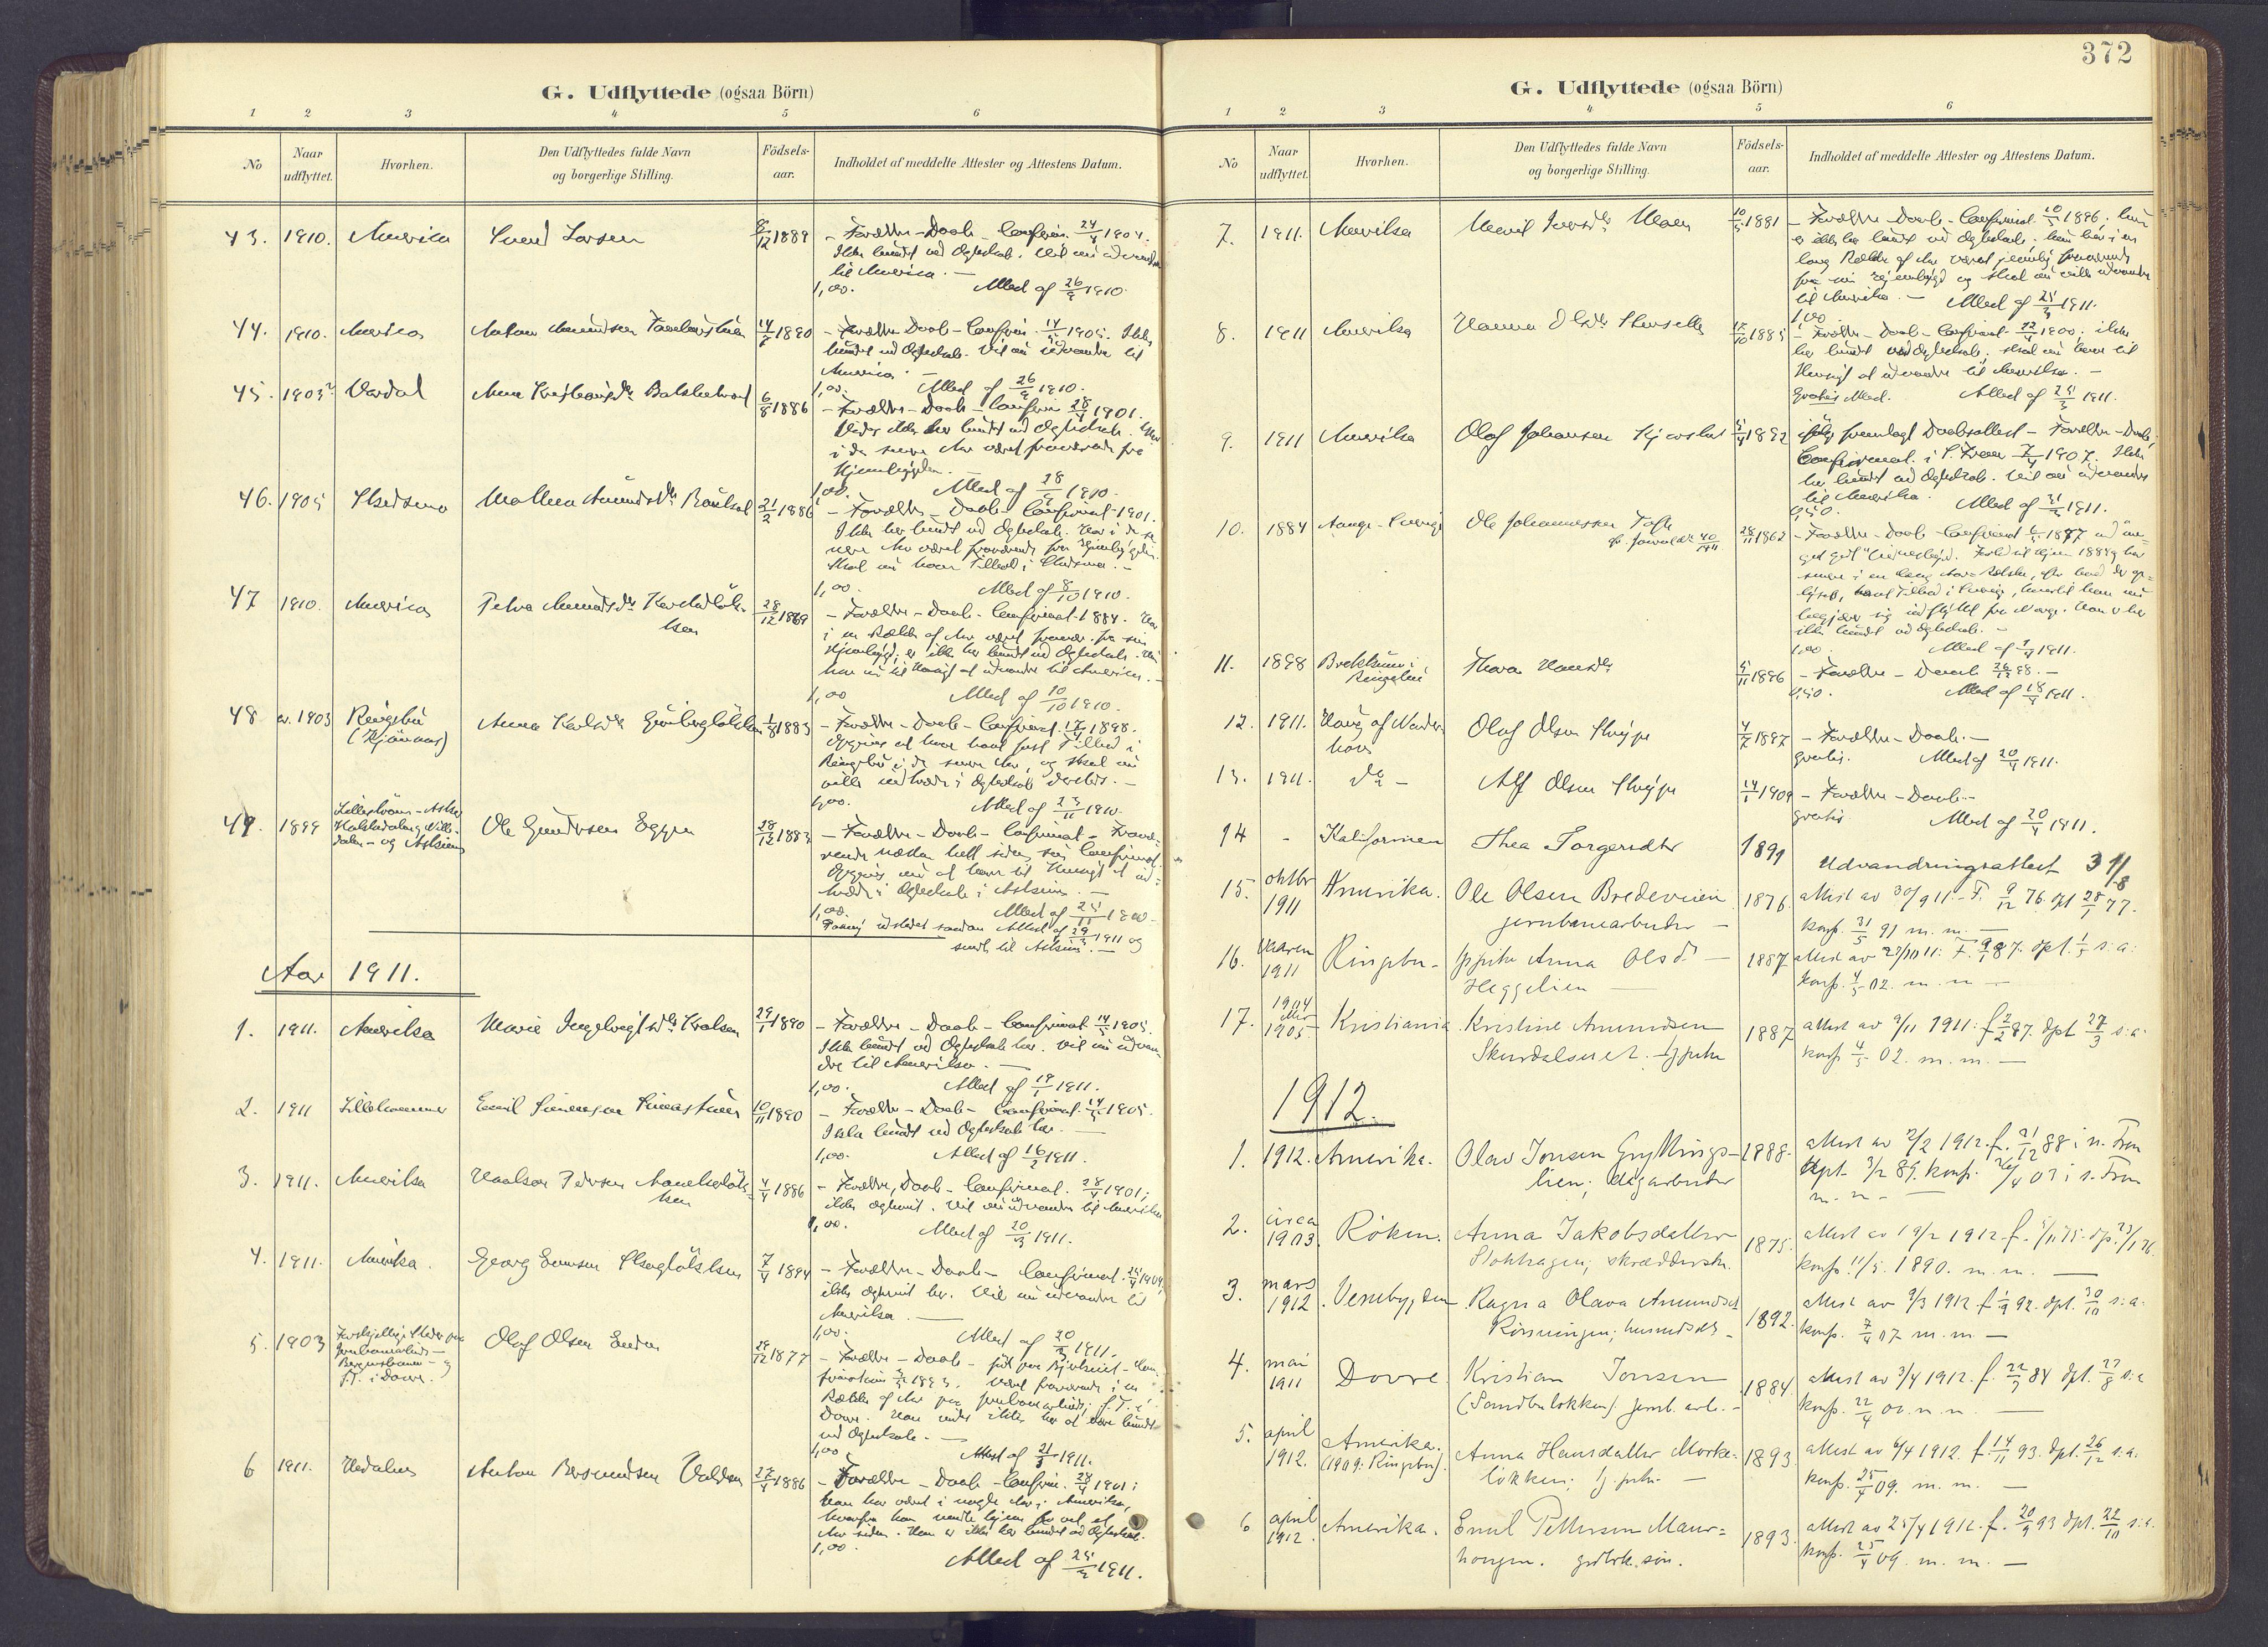 SAH, Sør-Fron prestekontor, H/Ha/Haa/L0004: Ministerialbok nr. 4, 1898-1919, s. 372